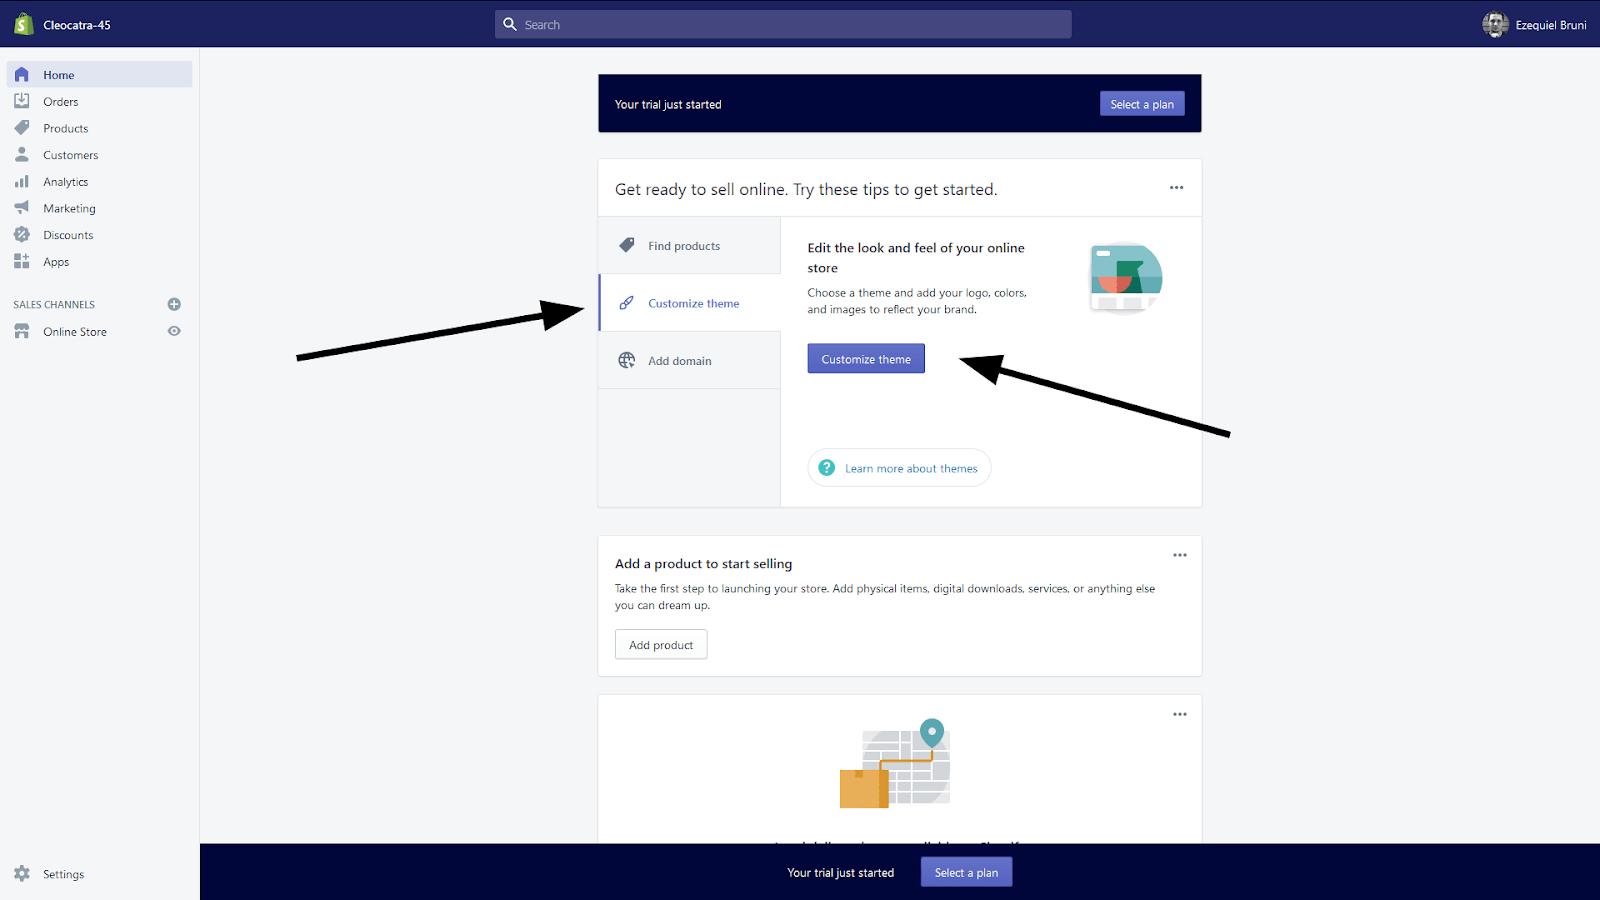 Shopify post-setup screen